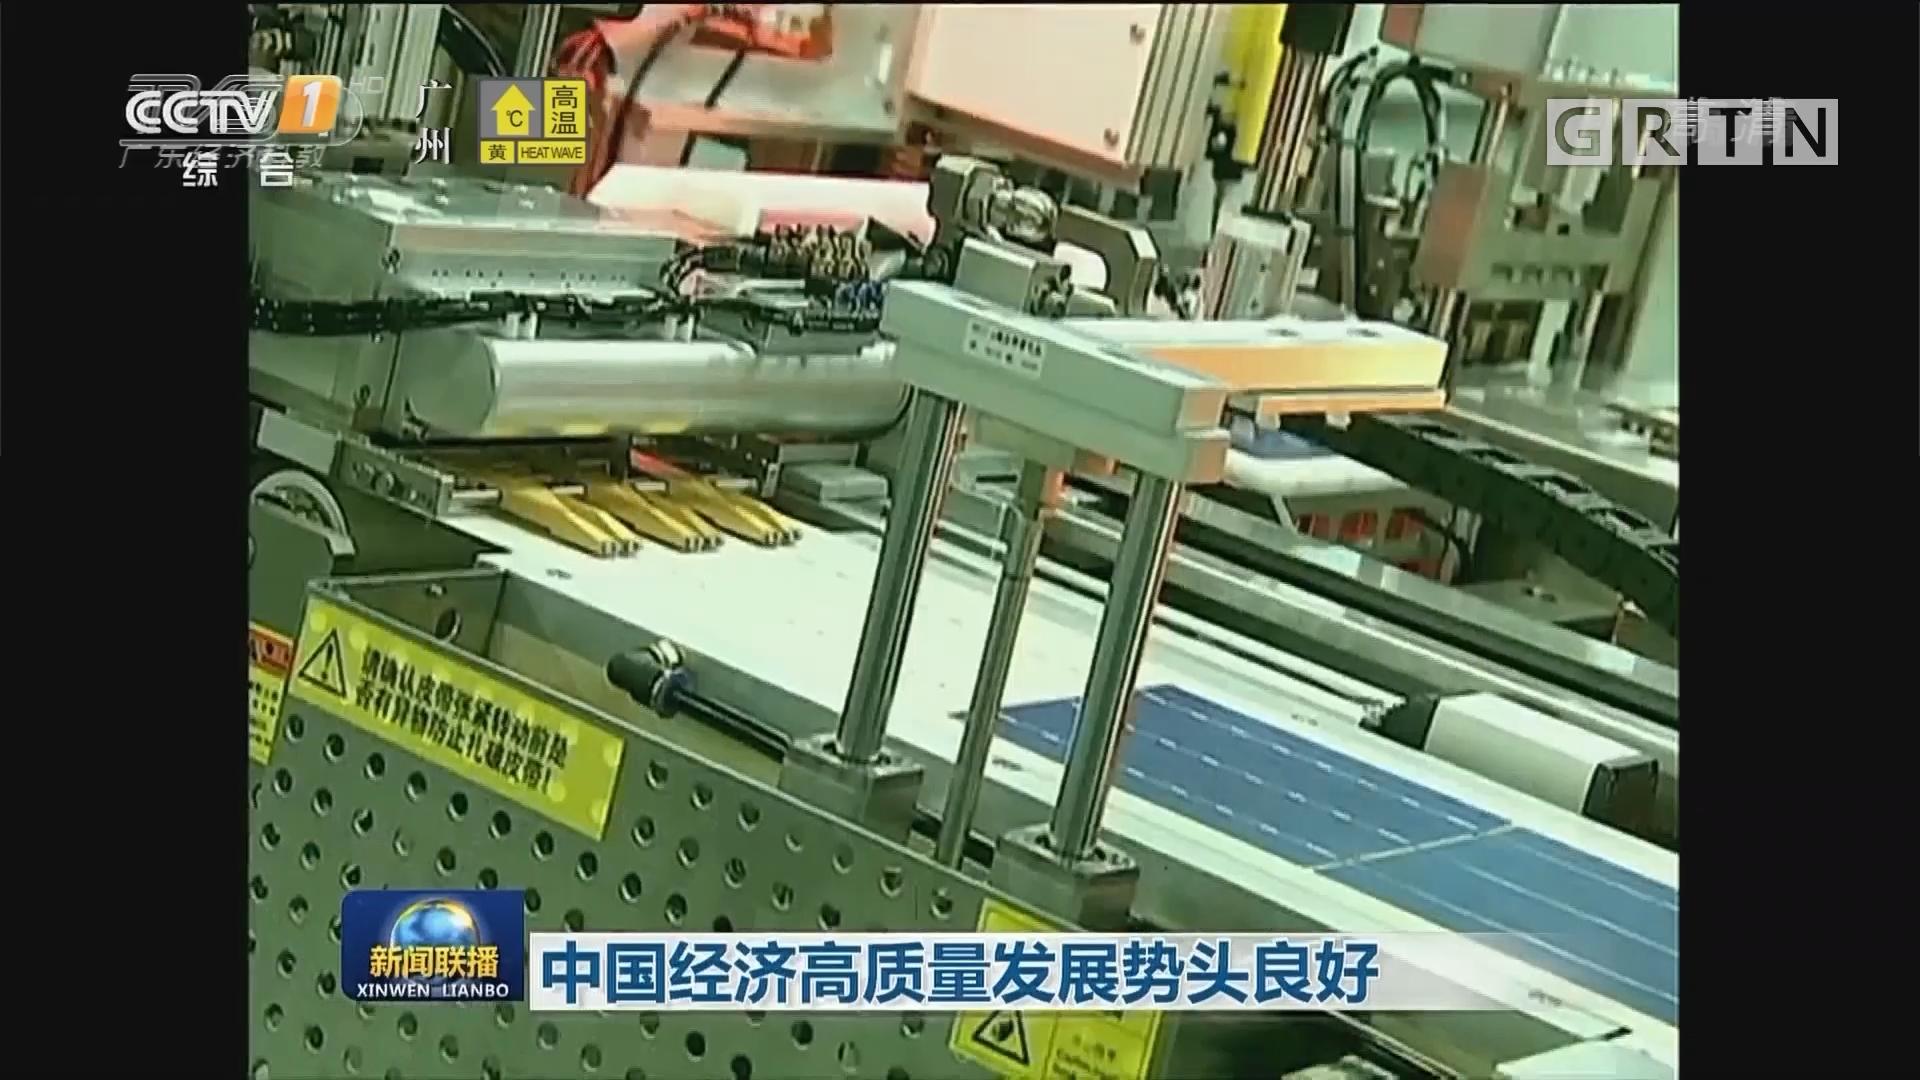 中国经济高质量发展势头良好